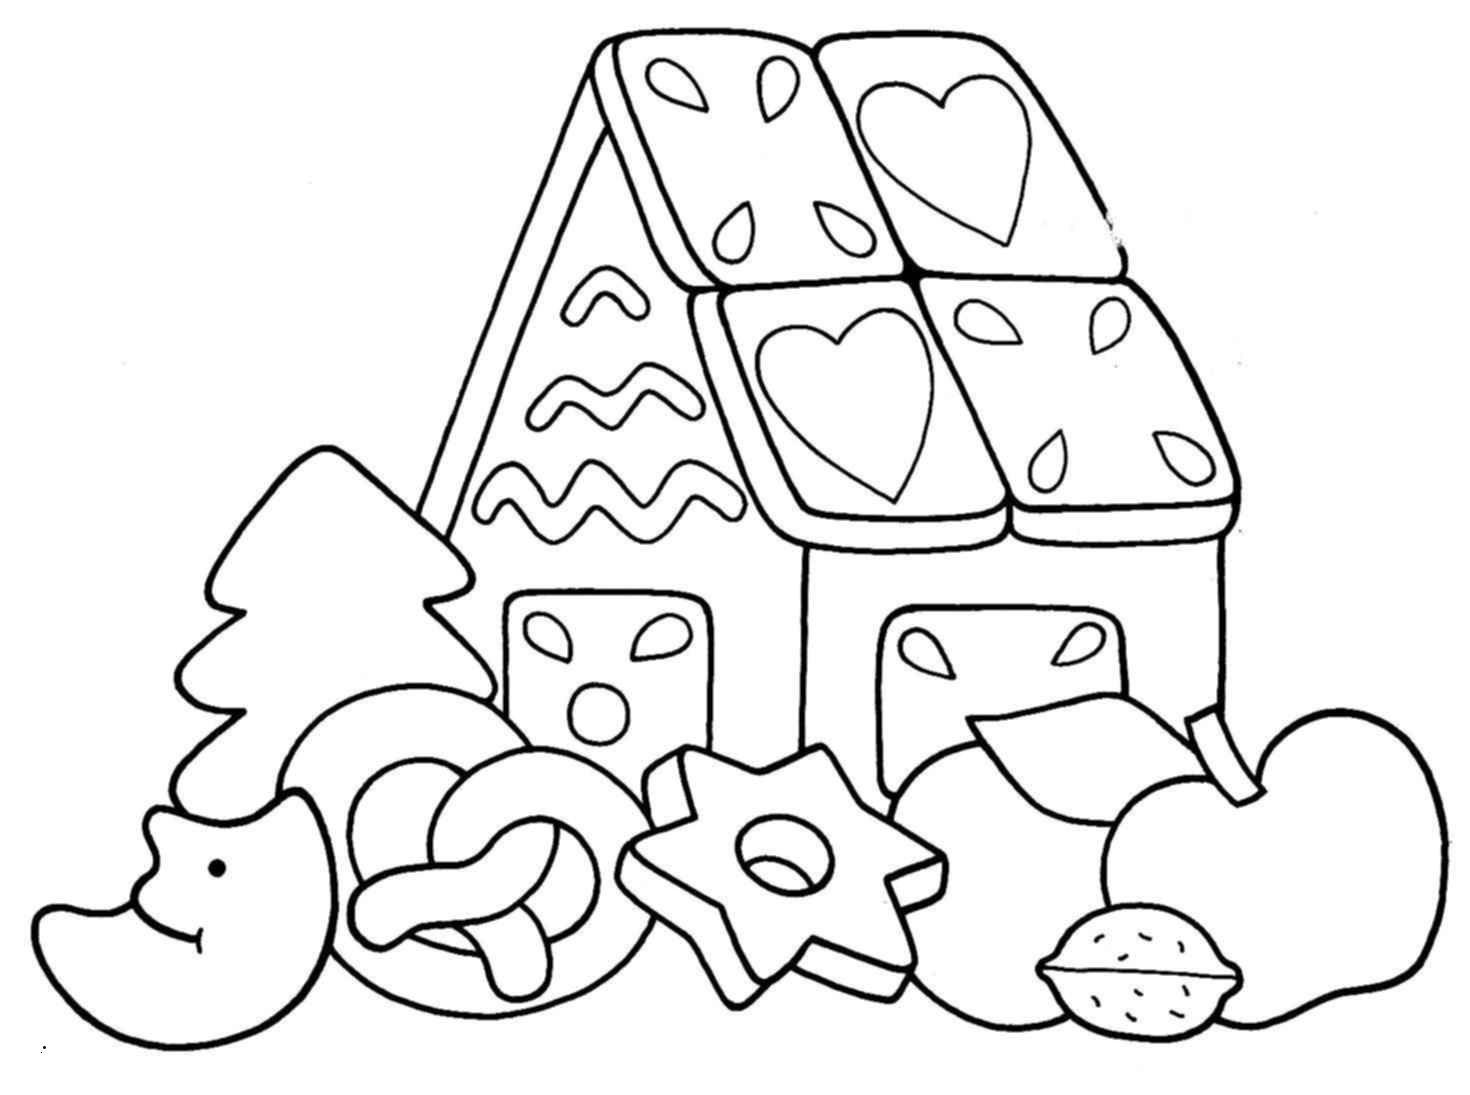 Pegasus Zum Ausmalen Neu 48 Entwurf Malvorlagen Grundschule Treehouse Nyc Bild